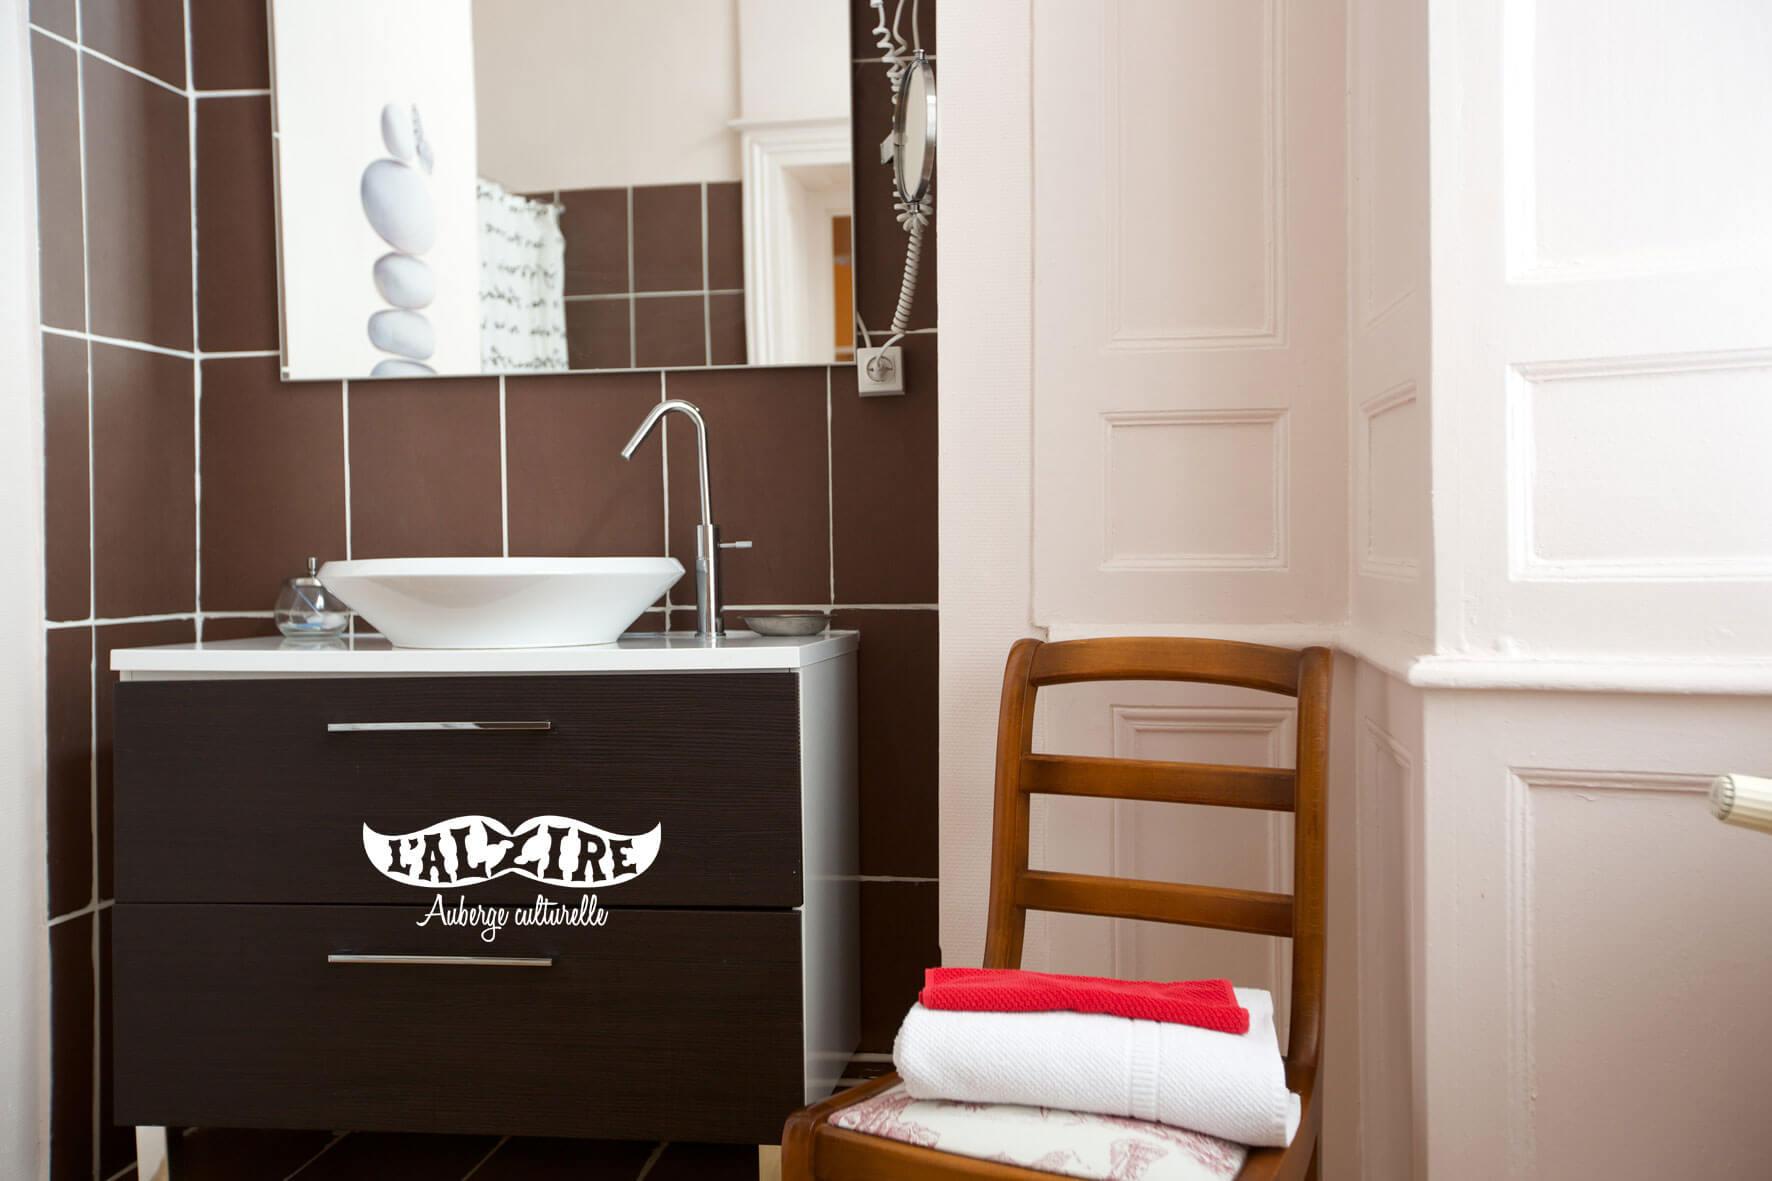 salle de bain jarnages